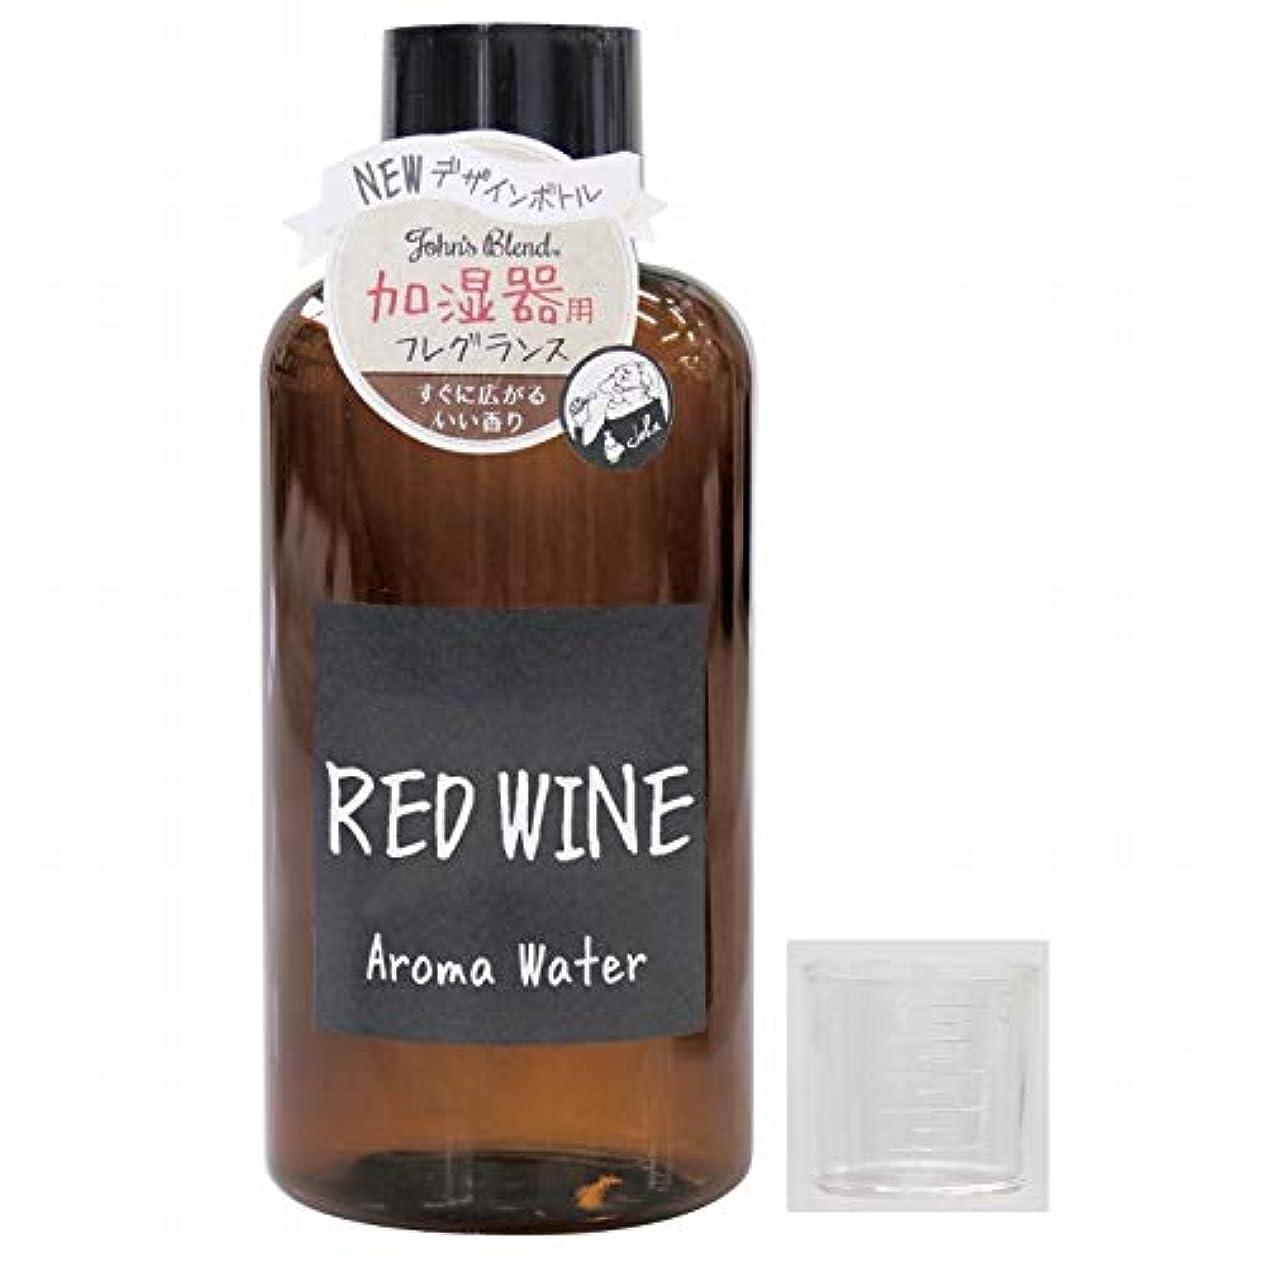 浮く公平な空いている【計量カップ付き】 JohnsBlend(ジョンズブレンド) アロマウォーター 加湿器用 520ml レッドワインの香り OA-JON-12-5【計量カップのおまけつき】